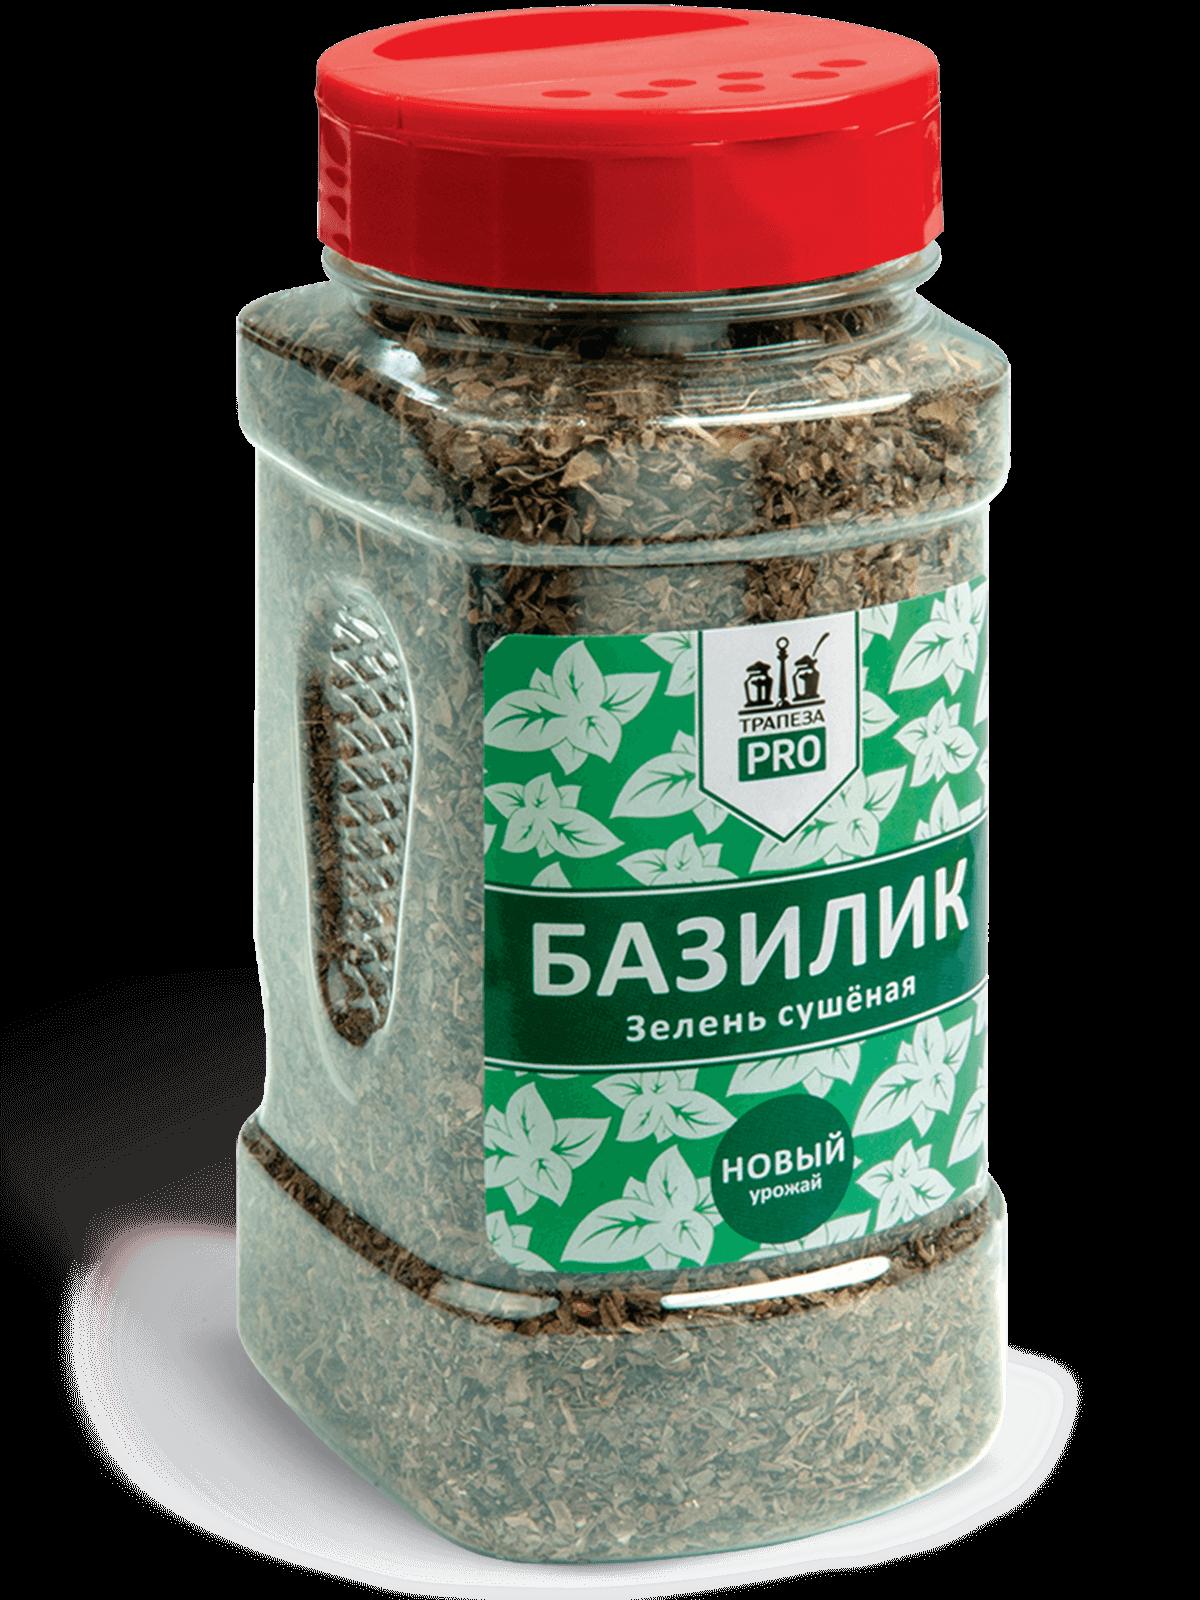 Базилик зелень сушеная 100г Трапеза PRO